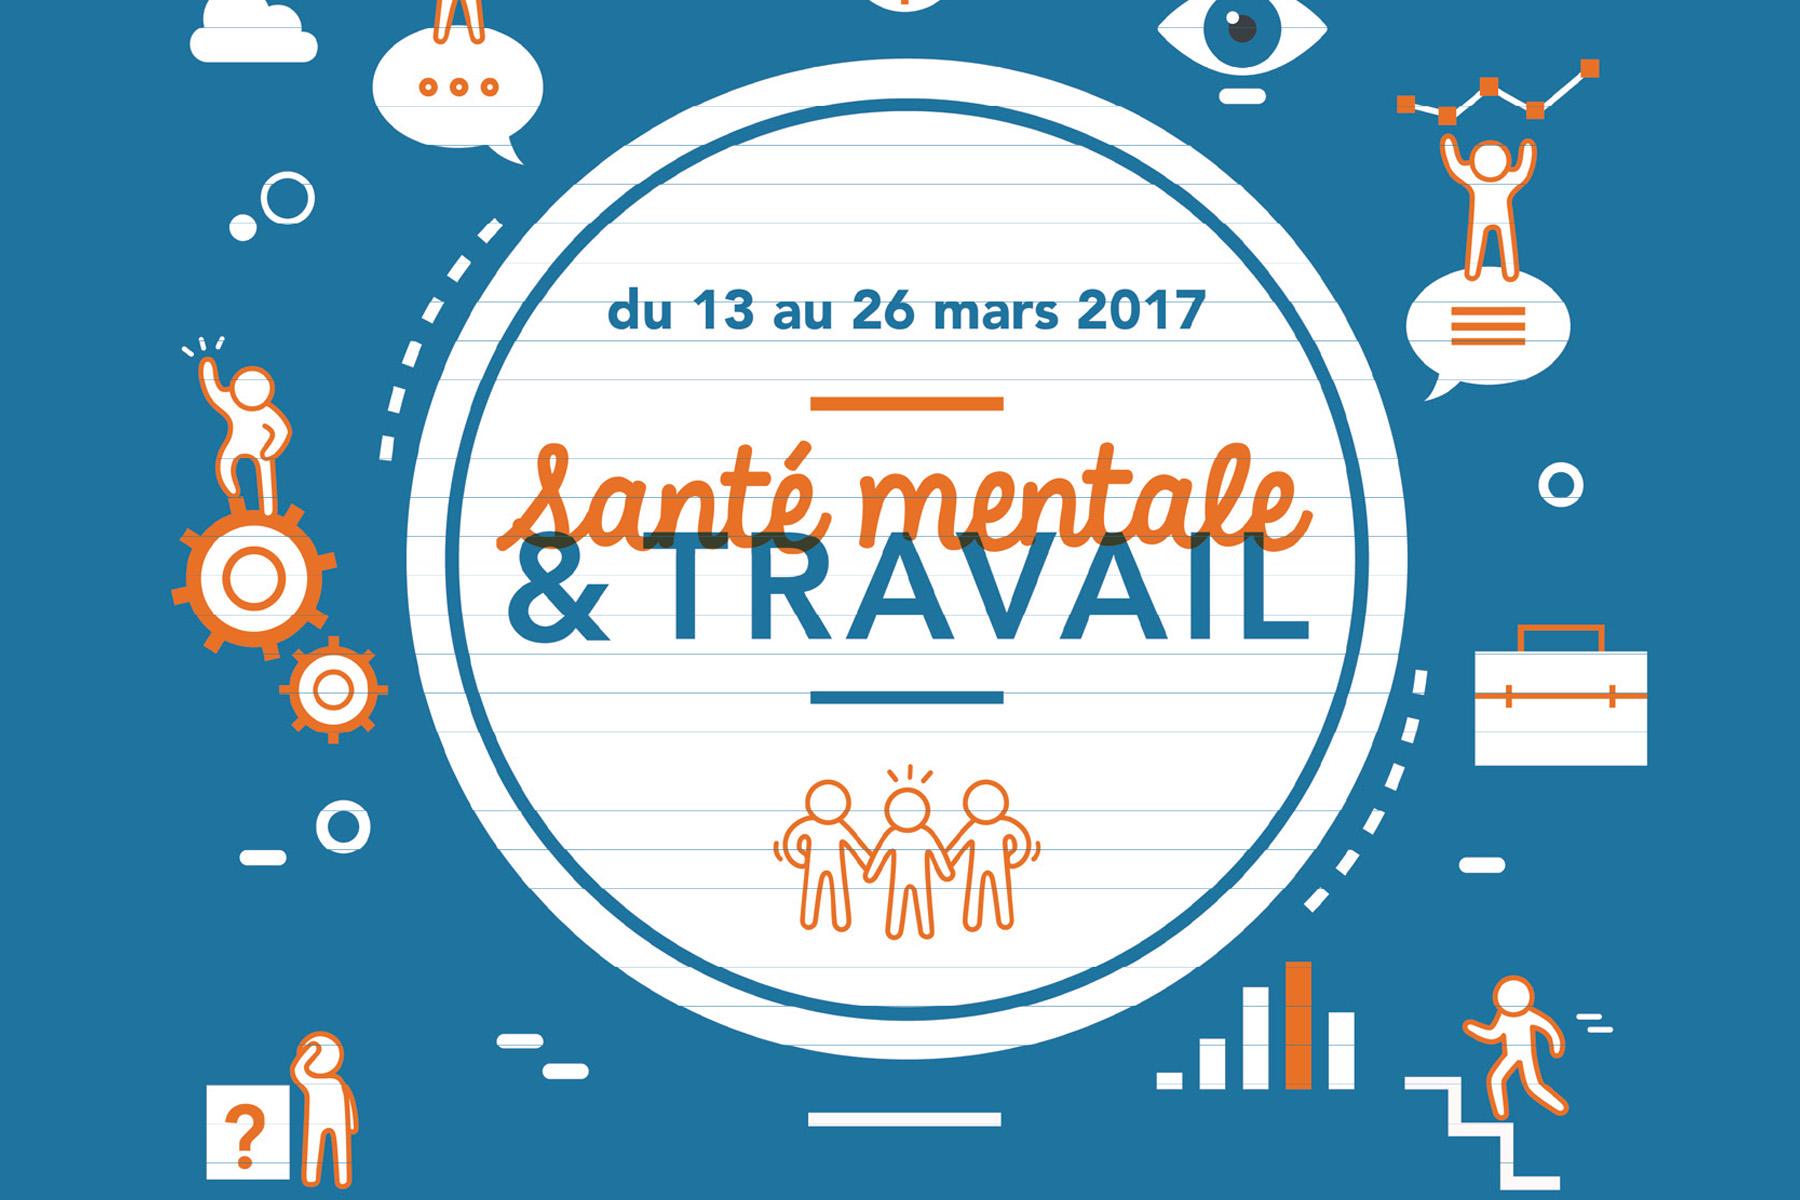 Santé mentale & travail : semaines d'information